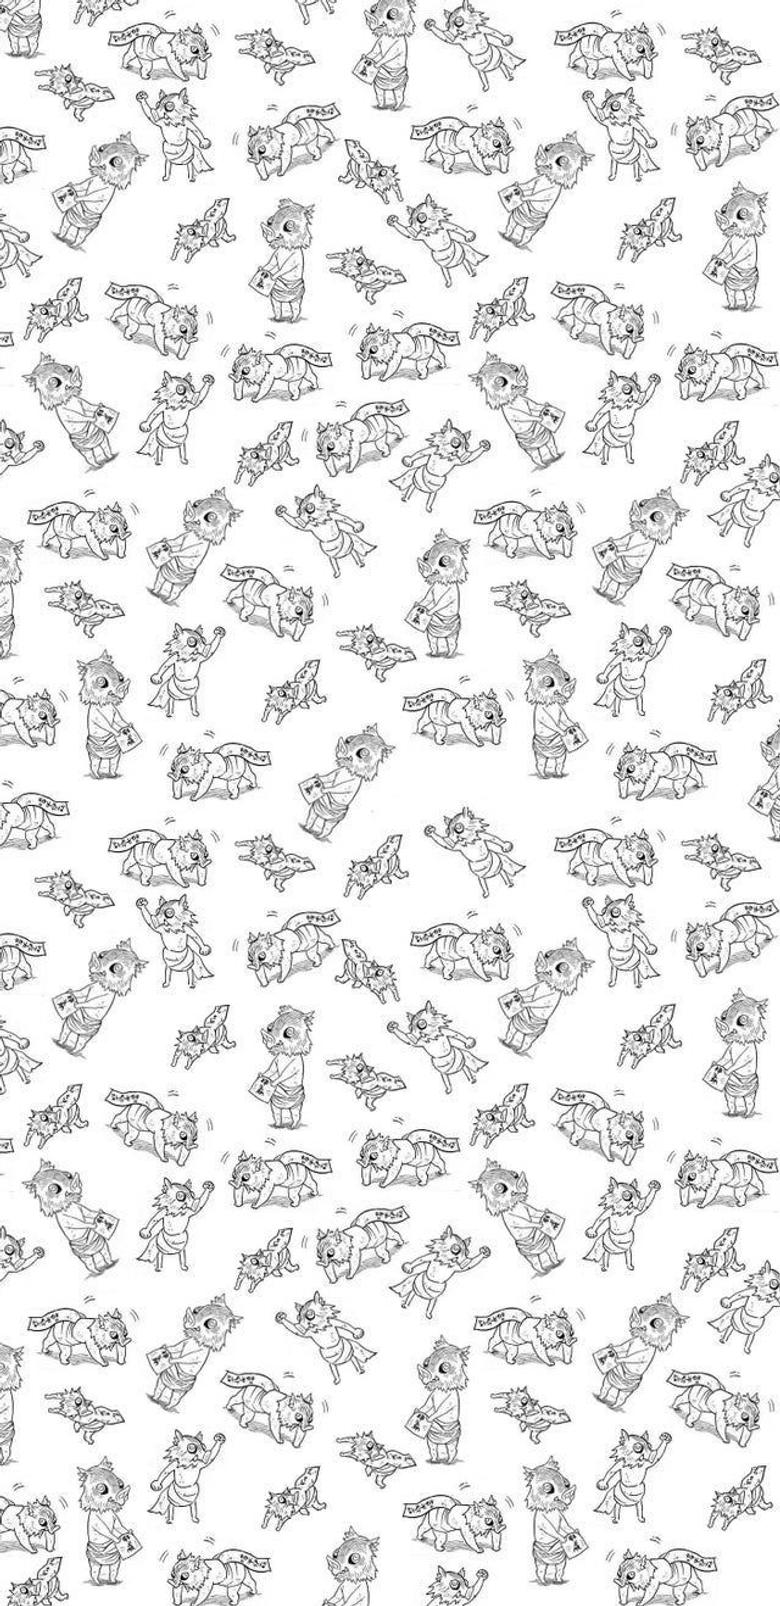 What do you guys think of my wallpaper KimetsuNoYaiba